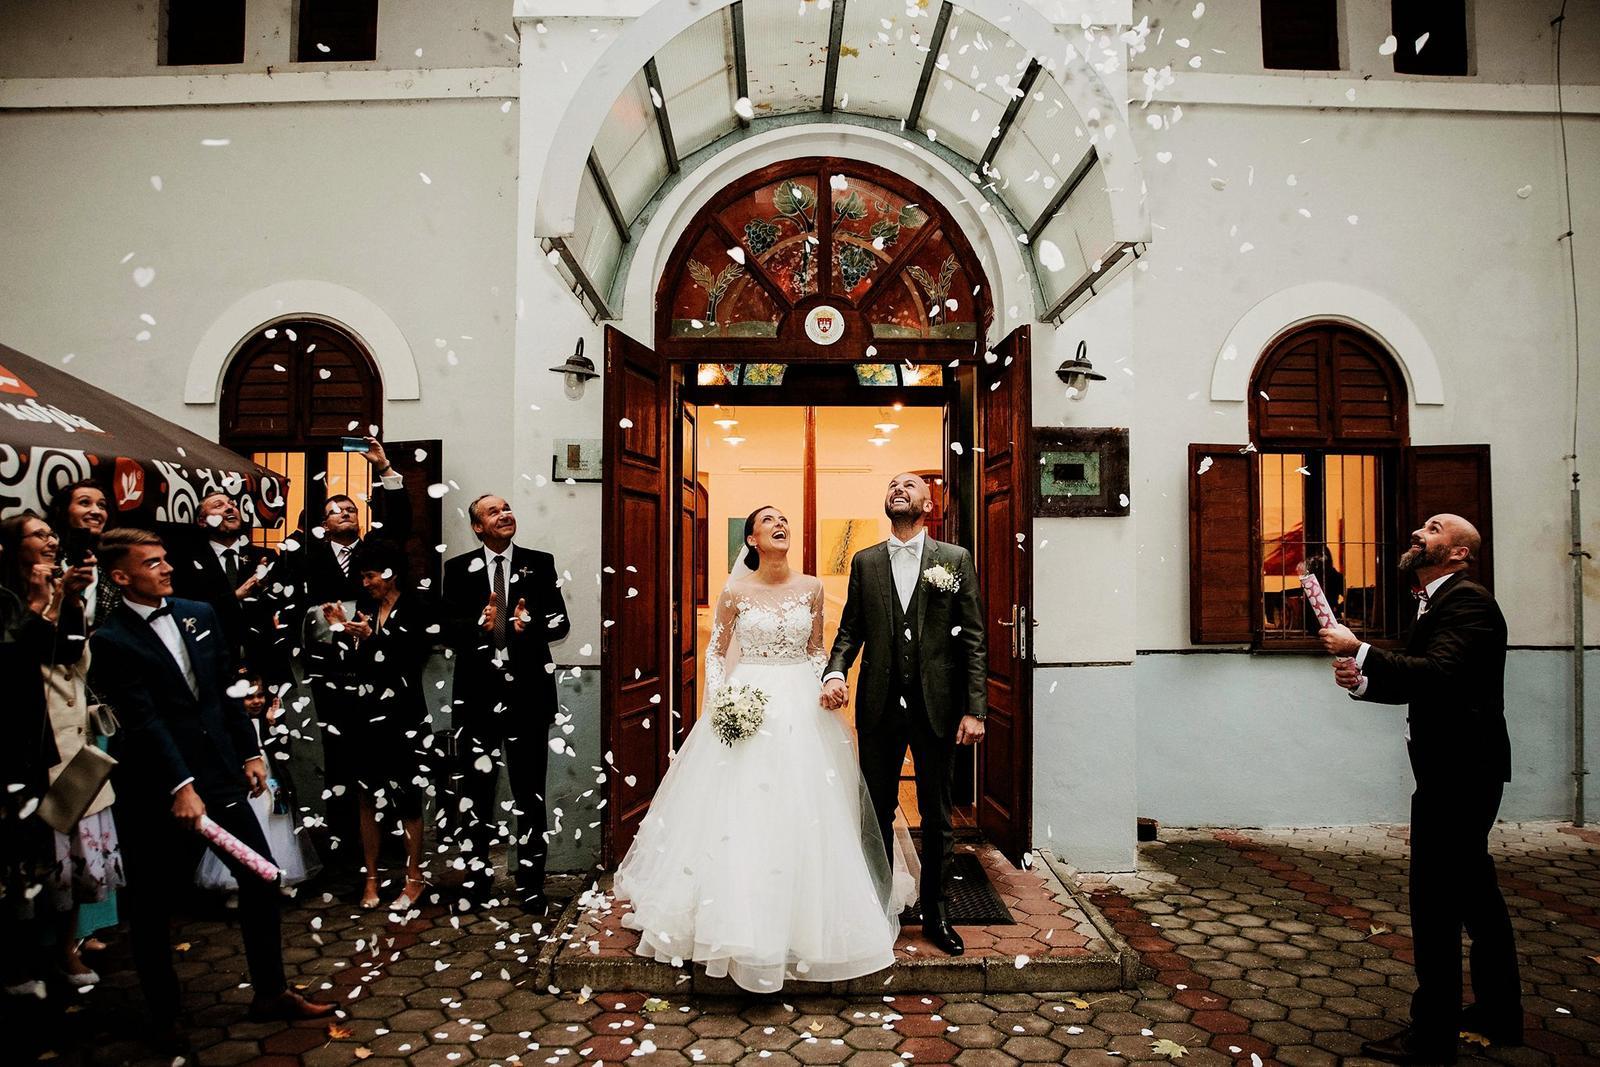 Moje svadobné fotografie - Obrázok č. 20